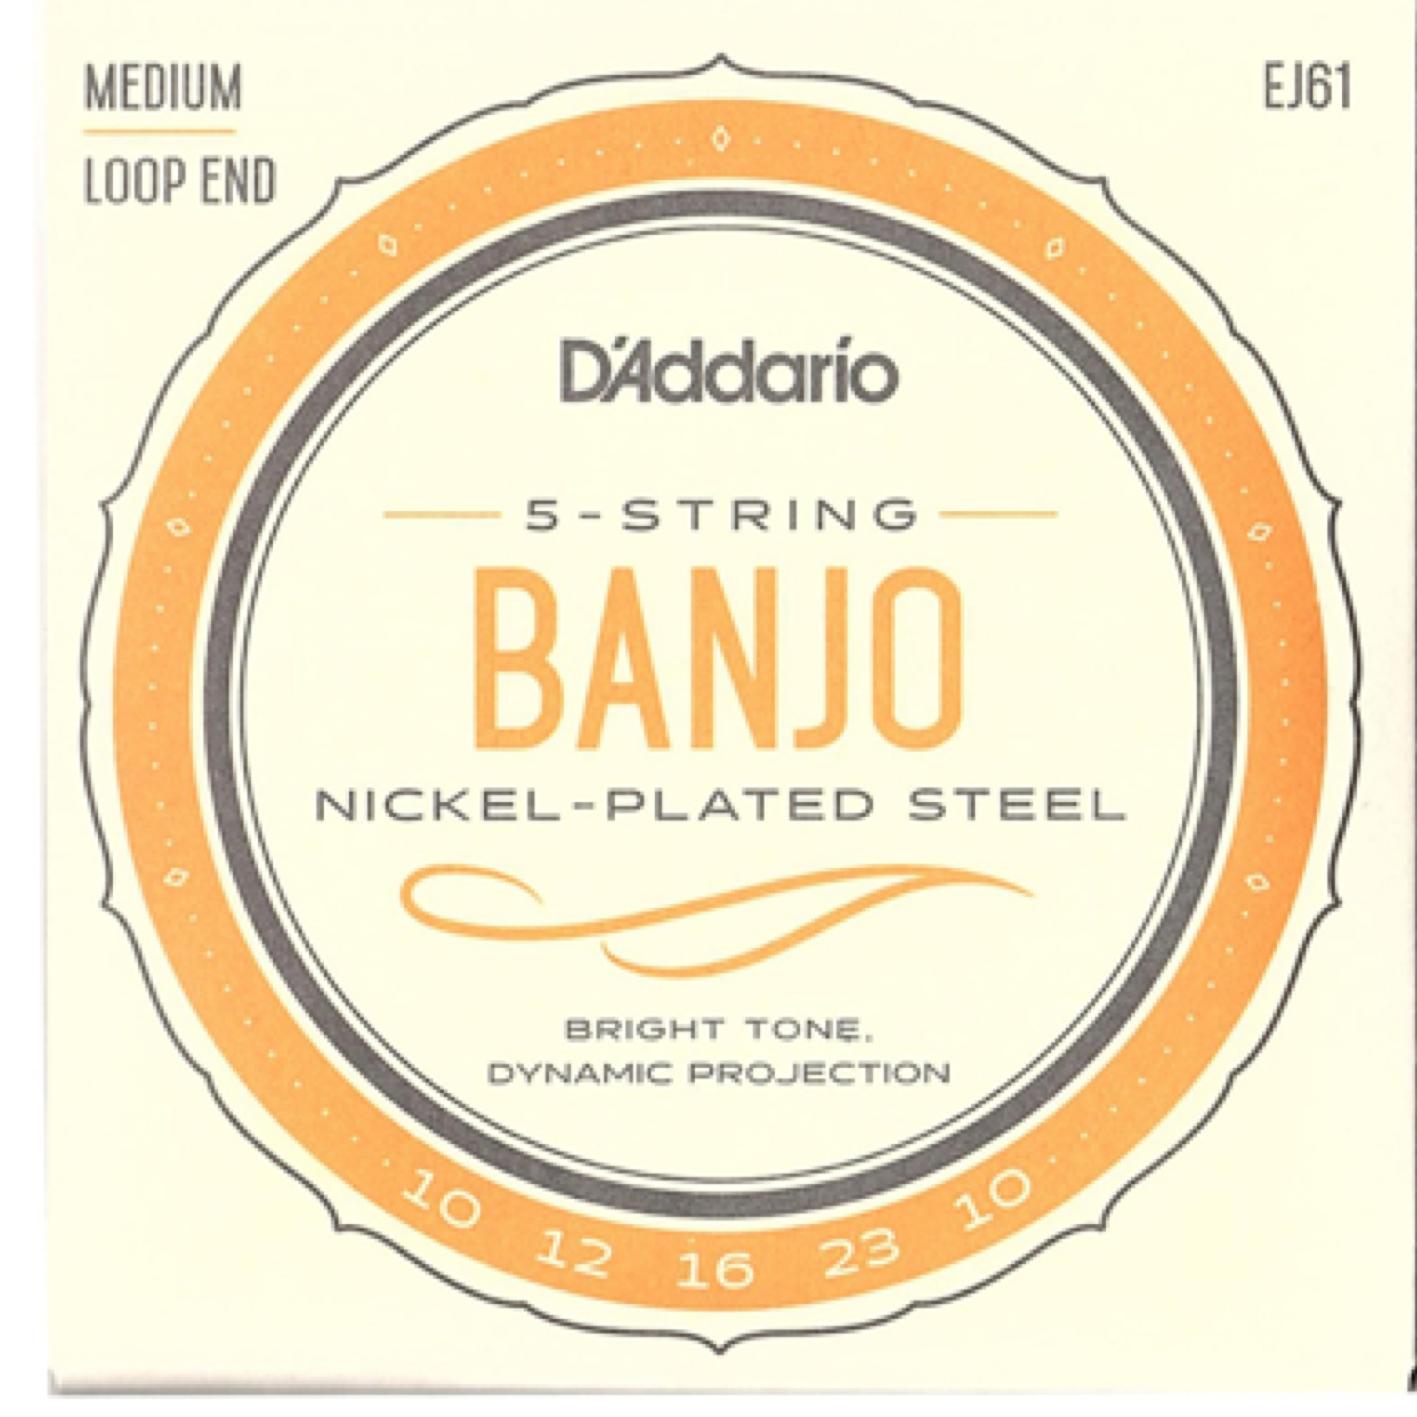 D'Addario EJ61 5 String Banjo Set Medium Loop End